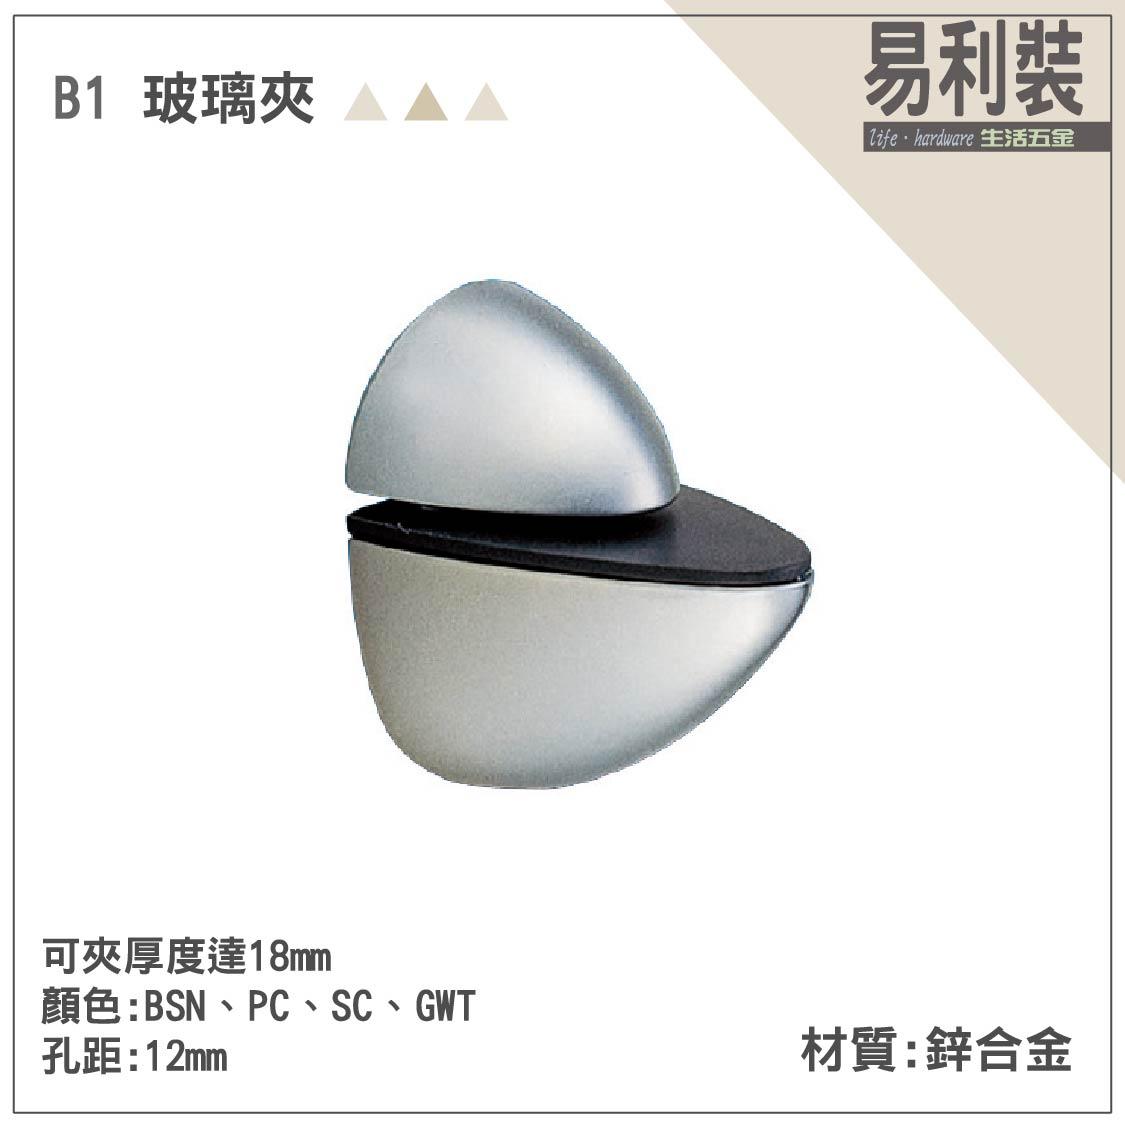 【 EASYCAN  】B1 玻璃夾 易利裝生活五金 浴室 廚房 房間 臥房 衣櫃 小資族 辦公家具 系統家具 - 限時優惠好康折扣